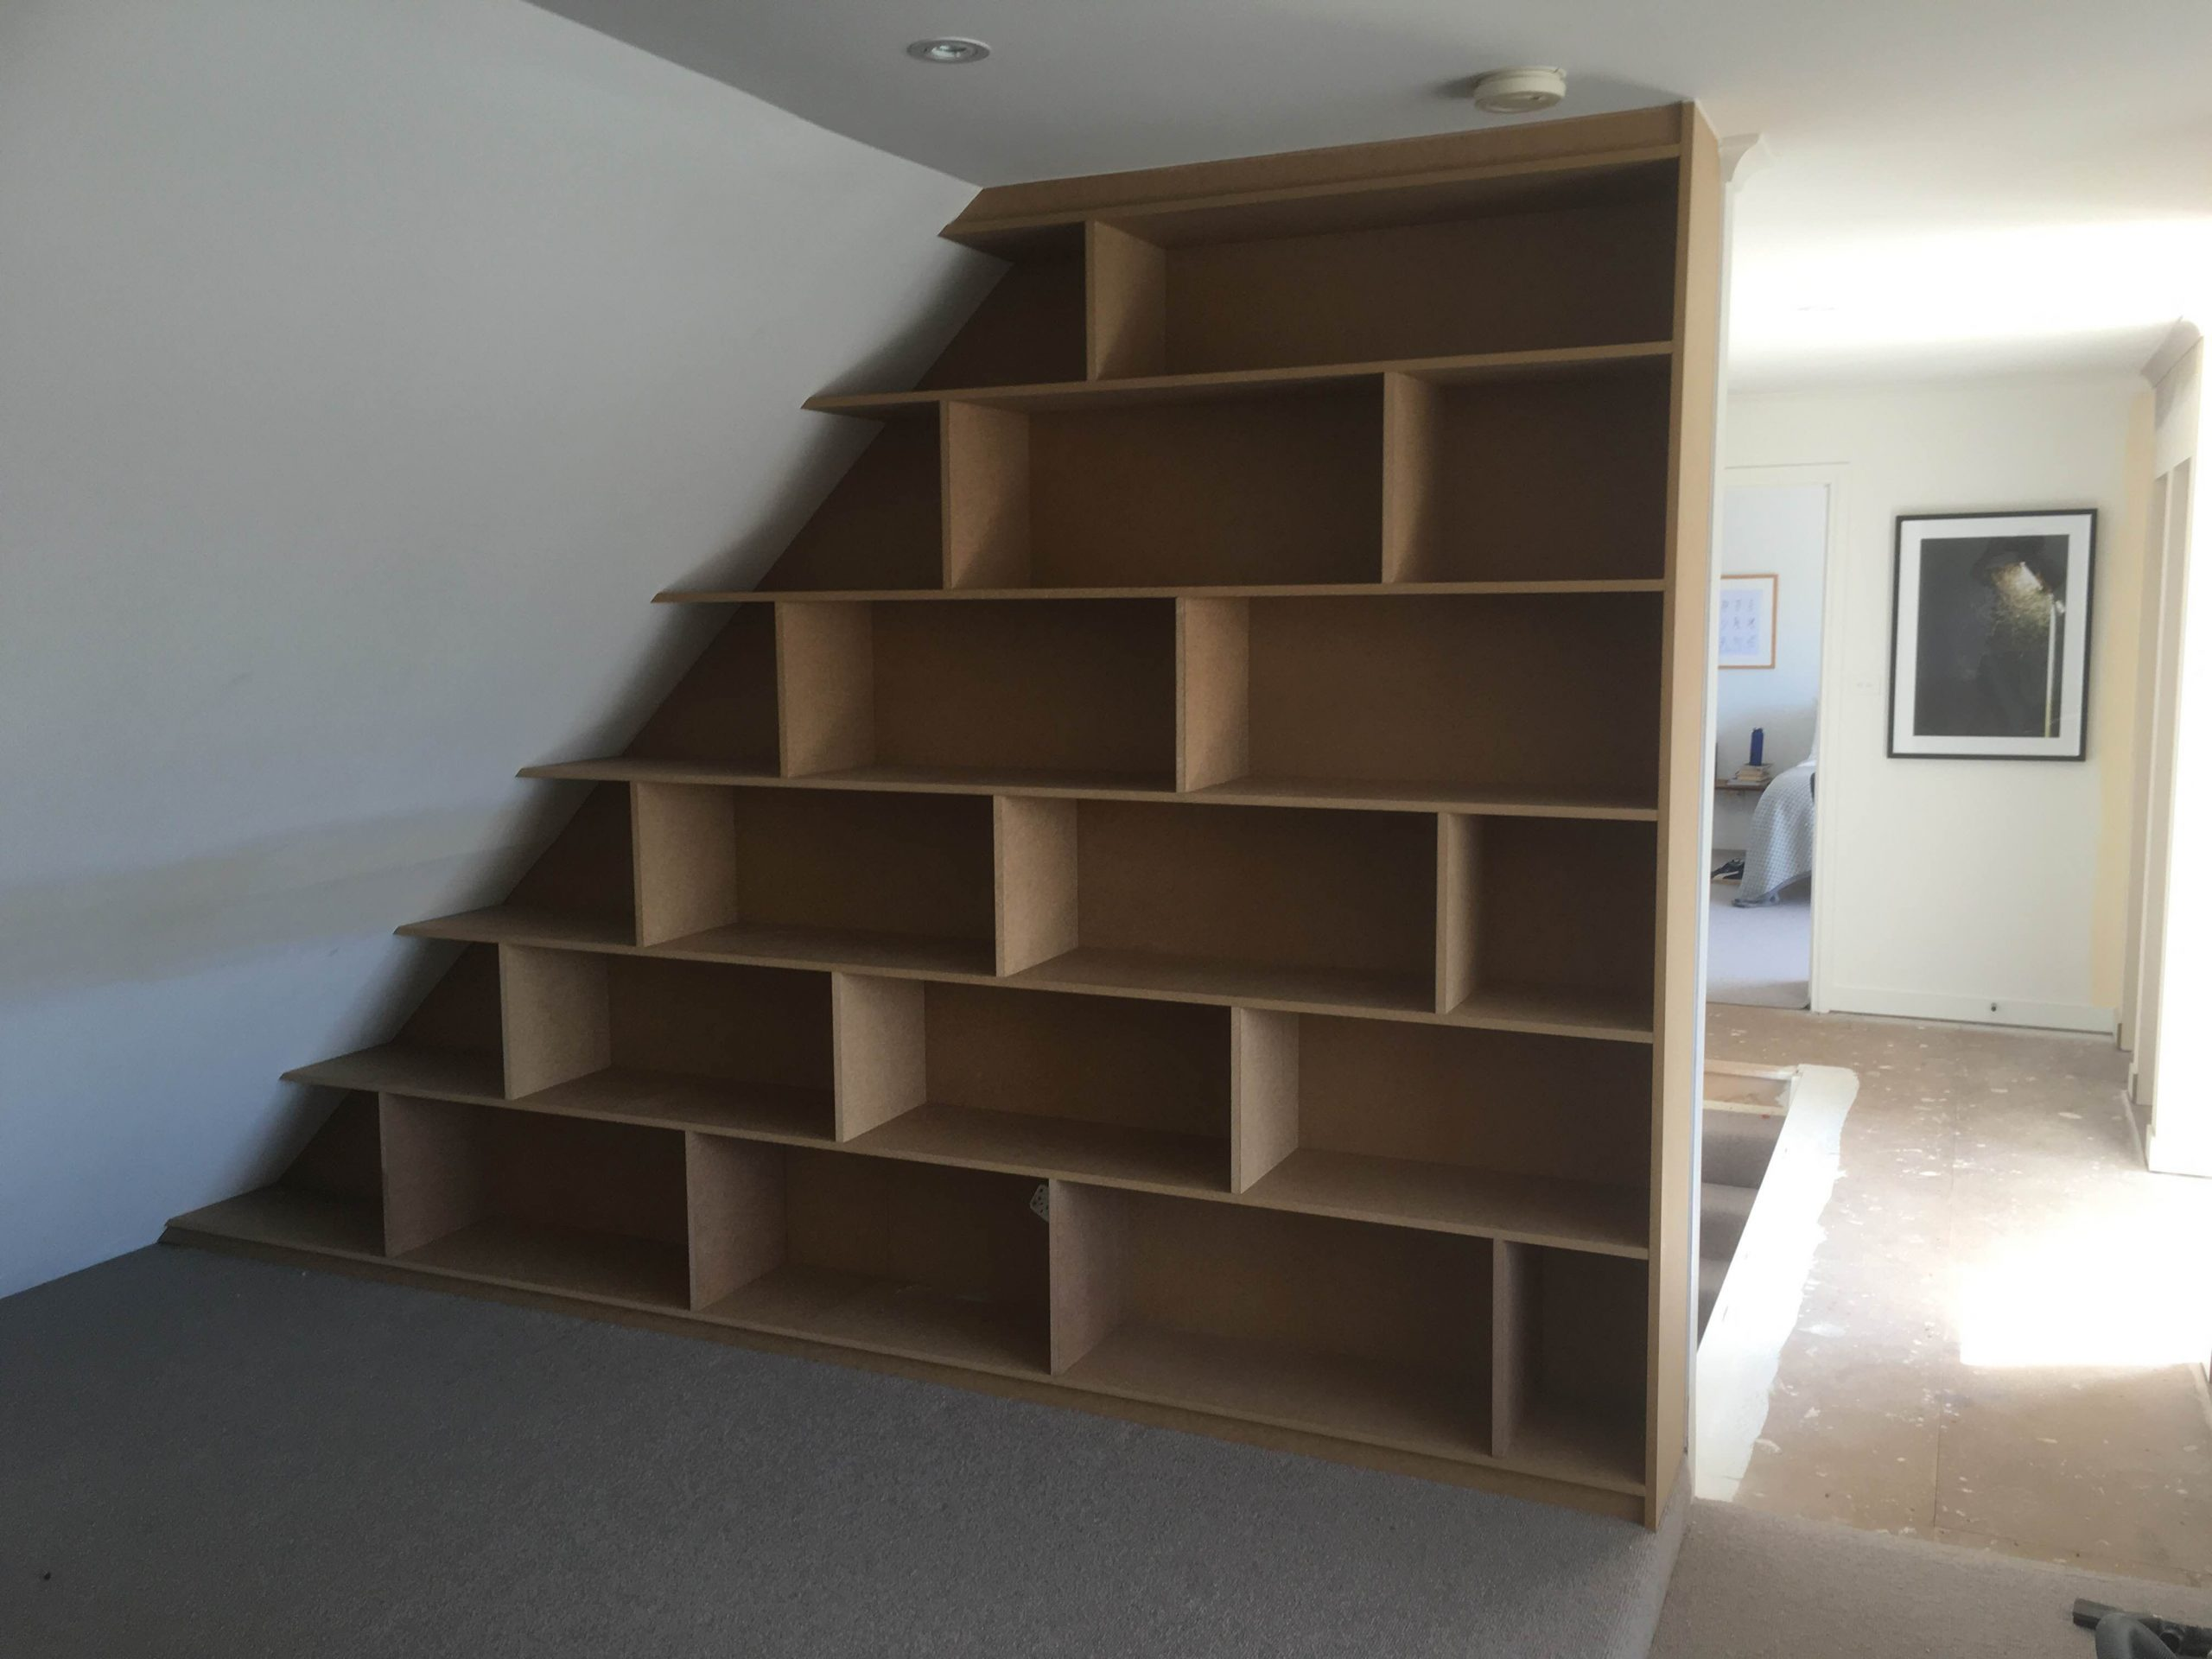 bookshelf under stairs